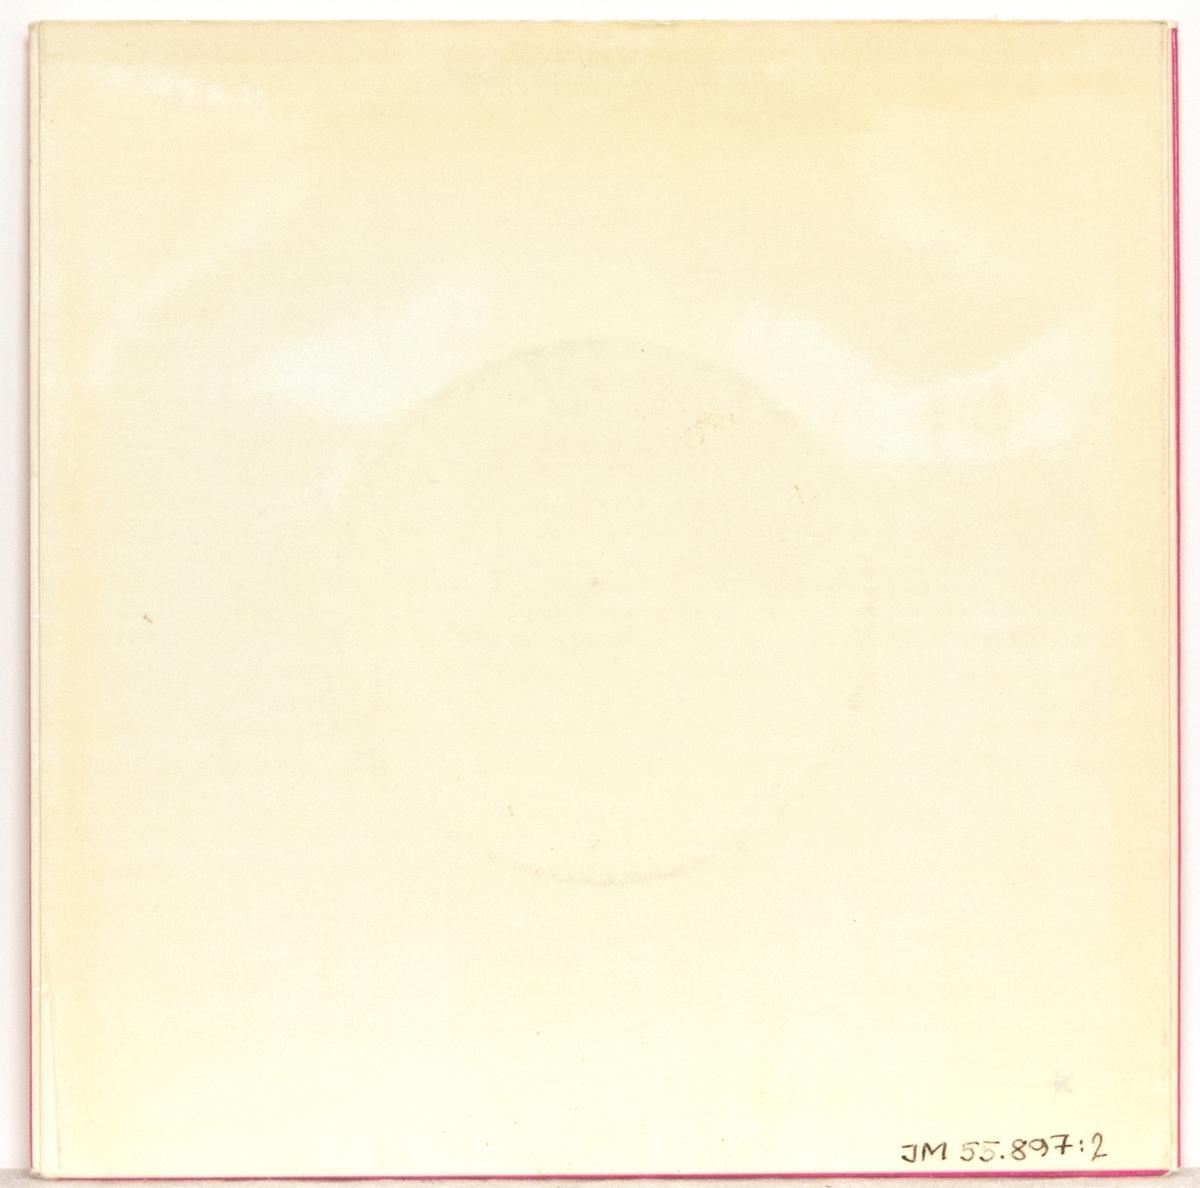 """EP-skiva av svart vinyl med svart pappersetikett med silverfärgad tryck text, i omslag av blankt papper. Omslaget är tryckt i färgerna rosa, svart och vitt. På framsidan svart-vita fotografier på kören respektive dirigenten, och text. Baksidan är enfärgad vit.  JM 55897:1 EP-skiva, Sirius, EP 516 A-sidan: 1. Var finns en vän som Jesus? A. H. Ackley, (övers. D. Hallberg) arr. Olle Widestrand 2. Kärlek från vår Gud (J.P. E. Hartman) 3. Var är Du? (L. Sandell - Berg - O. Ahnfelt) arr Olle Widestrand Immanuelskören, Jönköping. Dir.: Olle Widestrand  B-sidan: 1. Jag vill hellre ha Jesus (R. F. Miller - G. B. Shea) arr. Olle Widestrand 2. Har Du intet rum för Jesus? (C. C. Williams) arr. Olle Widestrand Immanuelskören, Jönköping. Dir.: Olle Widestrand  Text runt pappersetiketten: """"Alla rättigheter förbehållas producenten Resp. ägaren till det inspelade verket * Offentligt utförande, radioutsändning och kopiering av denna skiva utan auktorisation förbjudes""""  JM 55897:2, Omslag """"Immanuelskören Jönköping  Dirigent: Olle Widestrand 45 EP Sirius EP 516"""""""